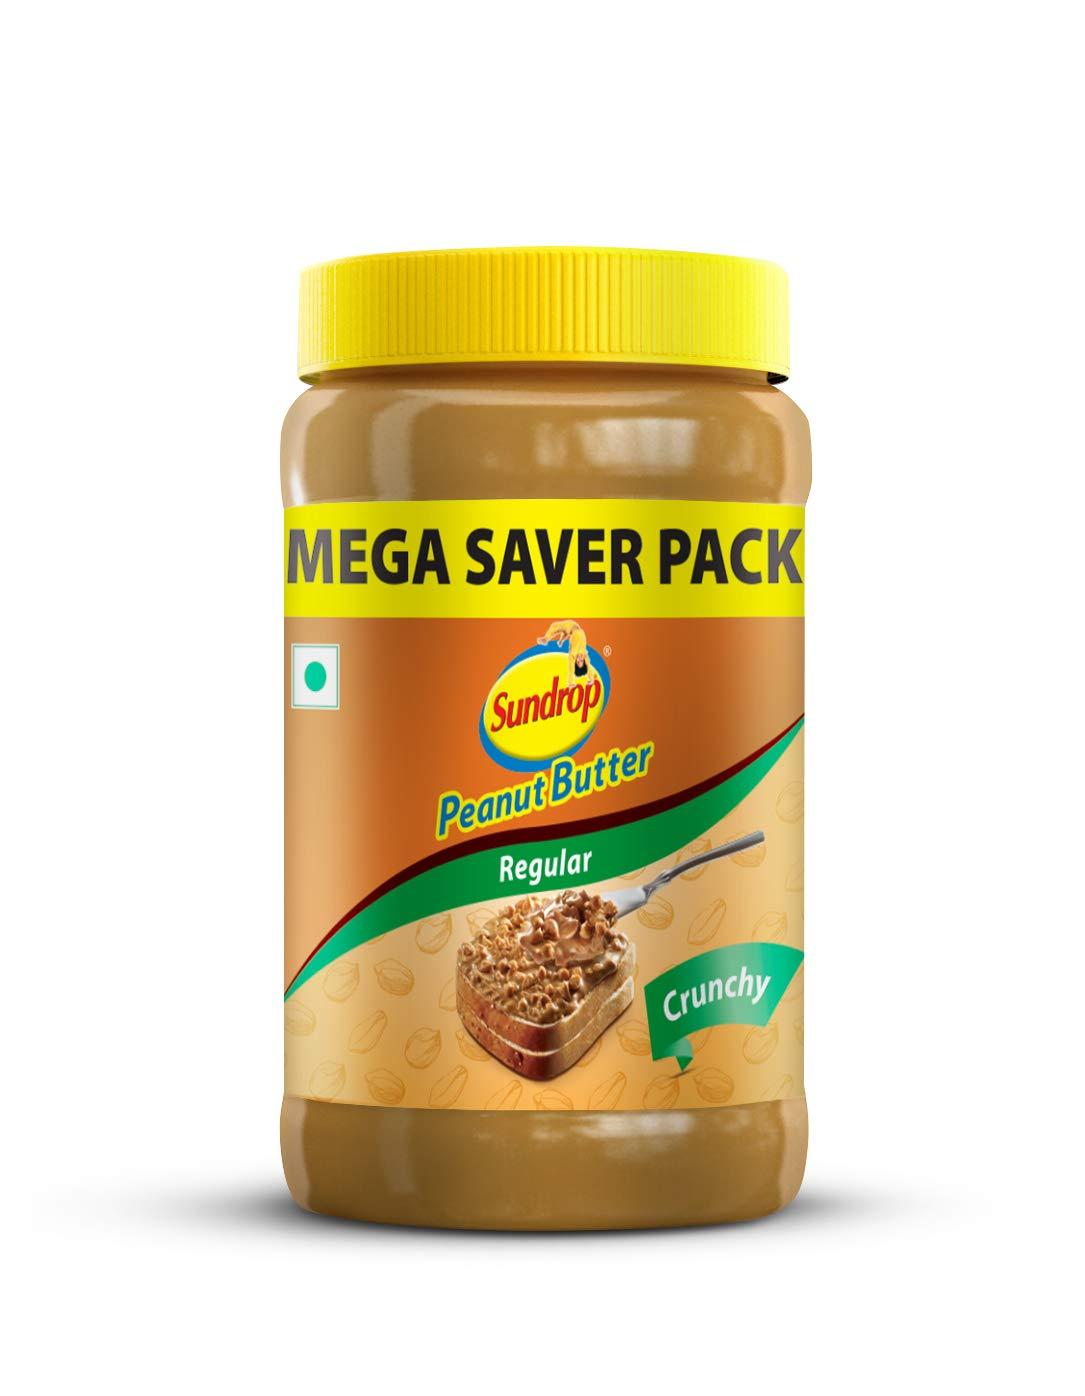 Sundrop Peanut Butter, Crunchy